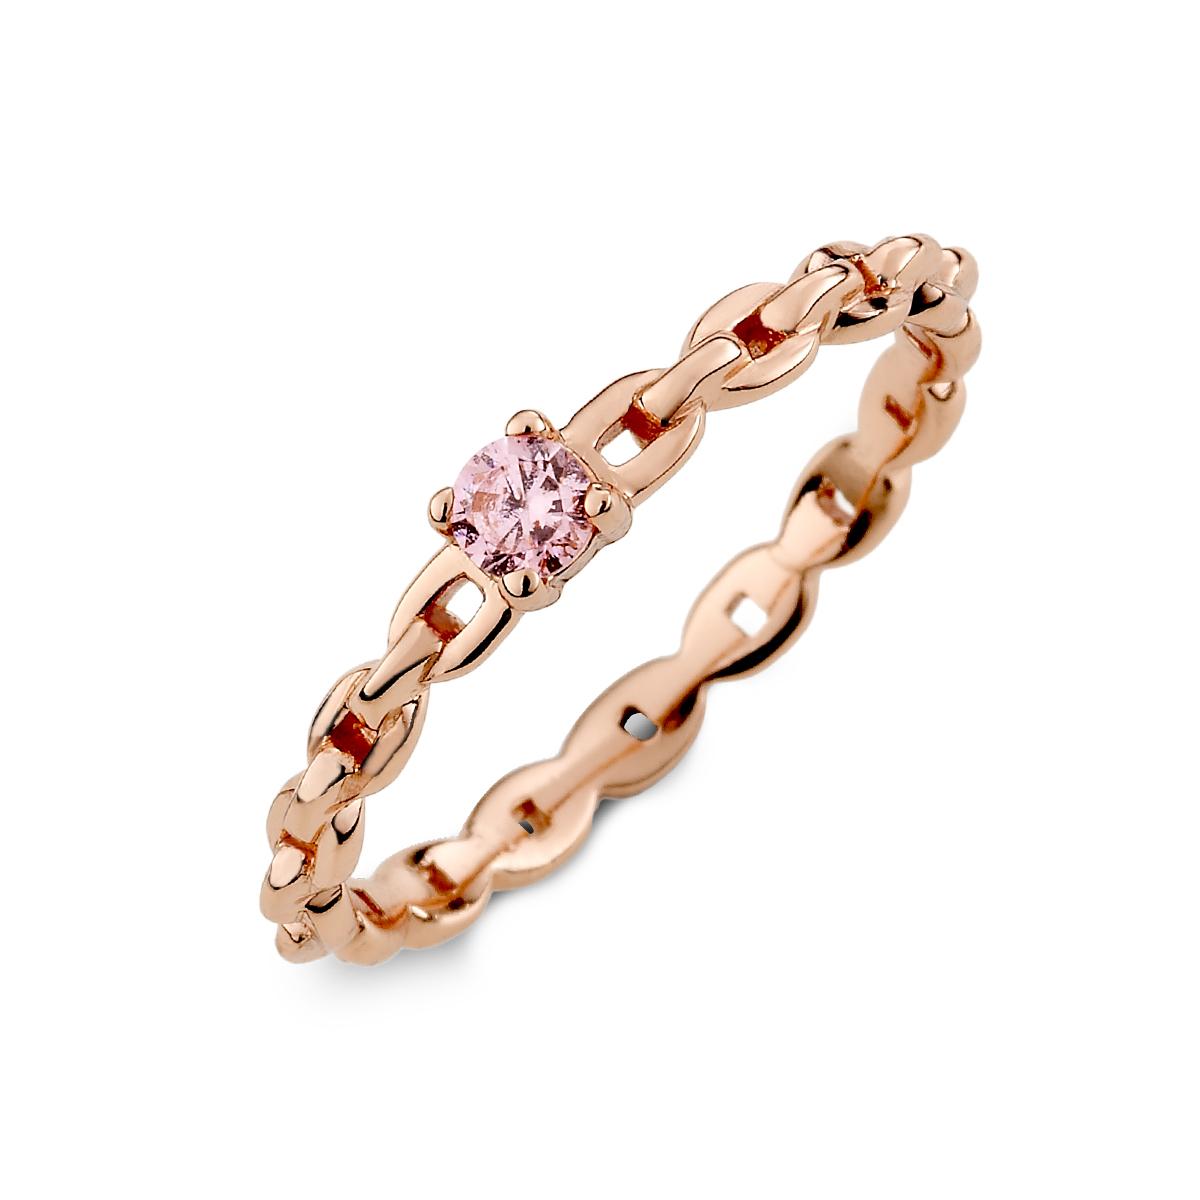 KSW220 鎖鏈款式彩鑽戒指